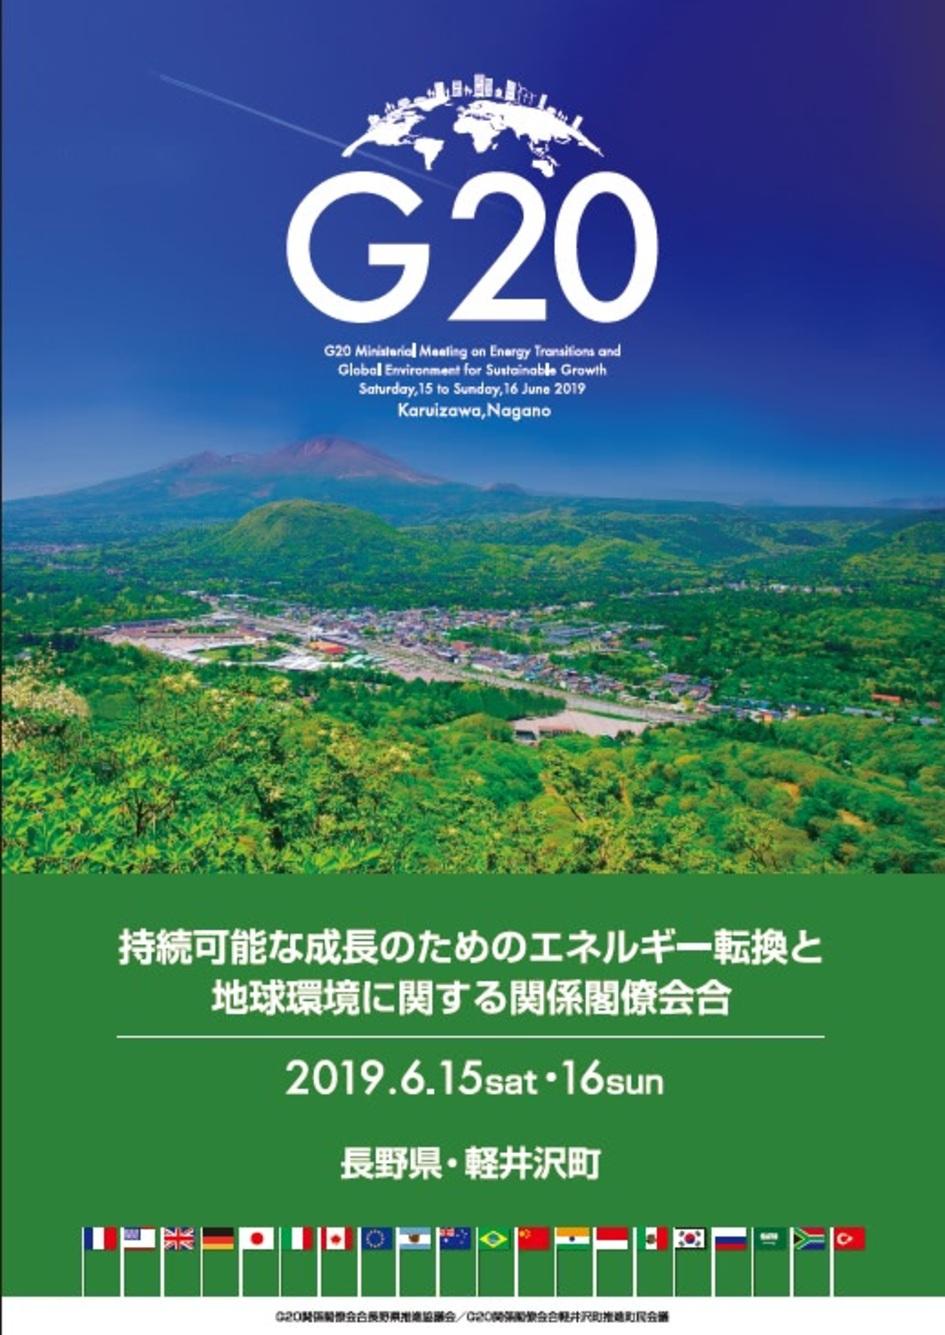 持続可能な成長のためのエネルギー転換と地球環境に関する関係閣僚会合のポスター